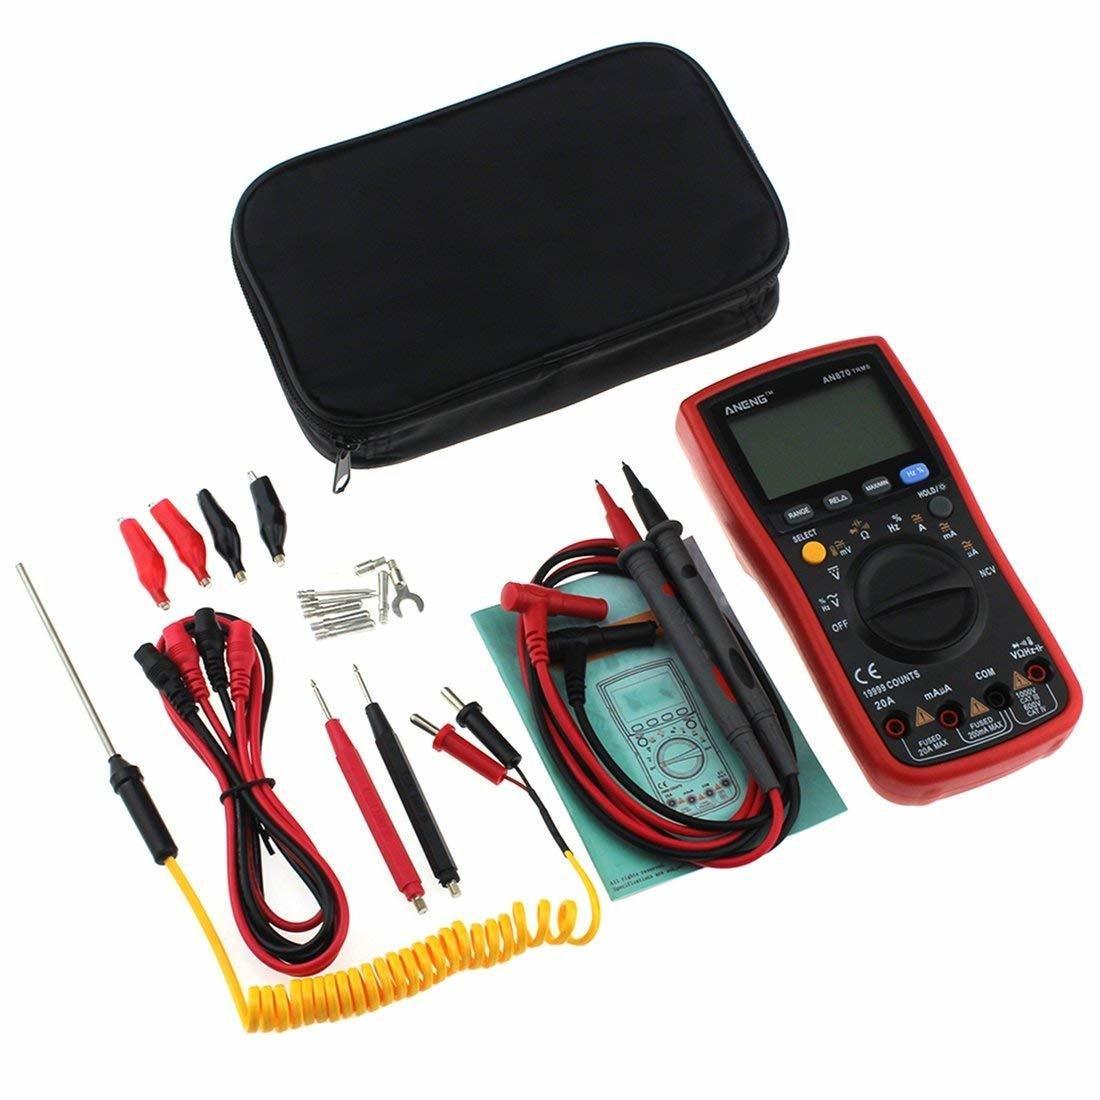 Digital Multimeter Kit